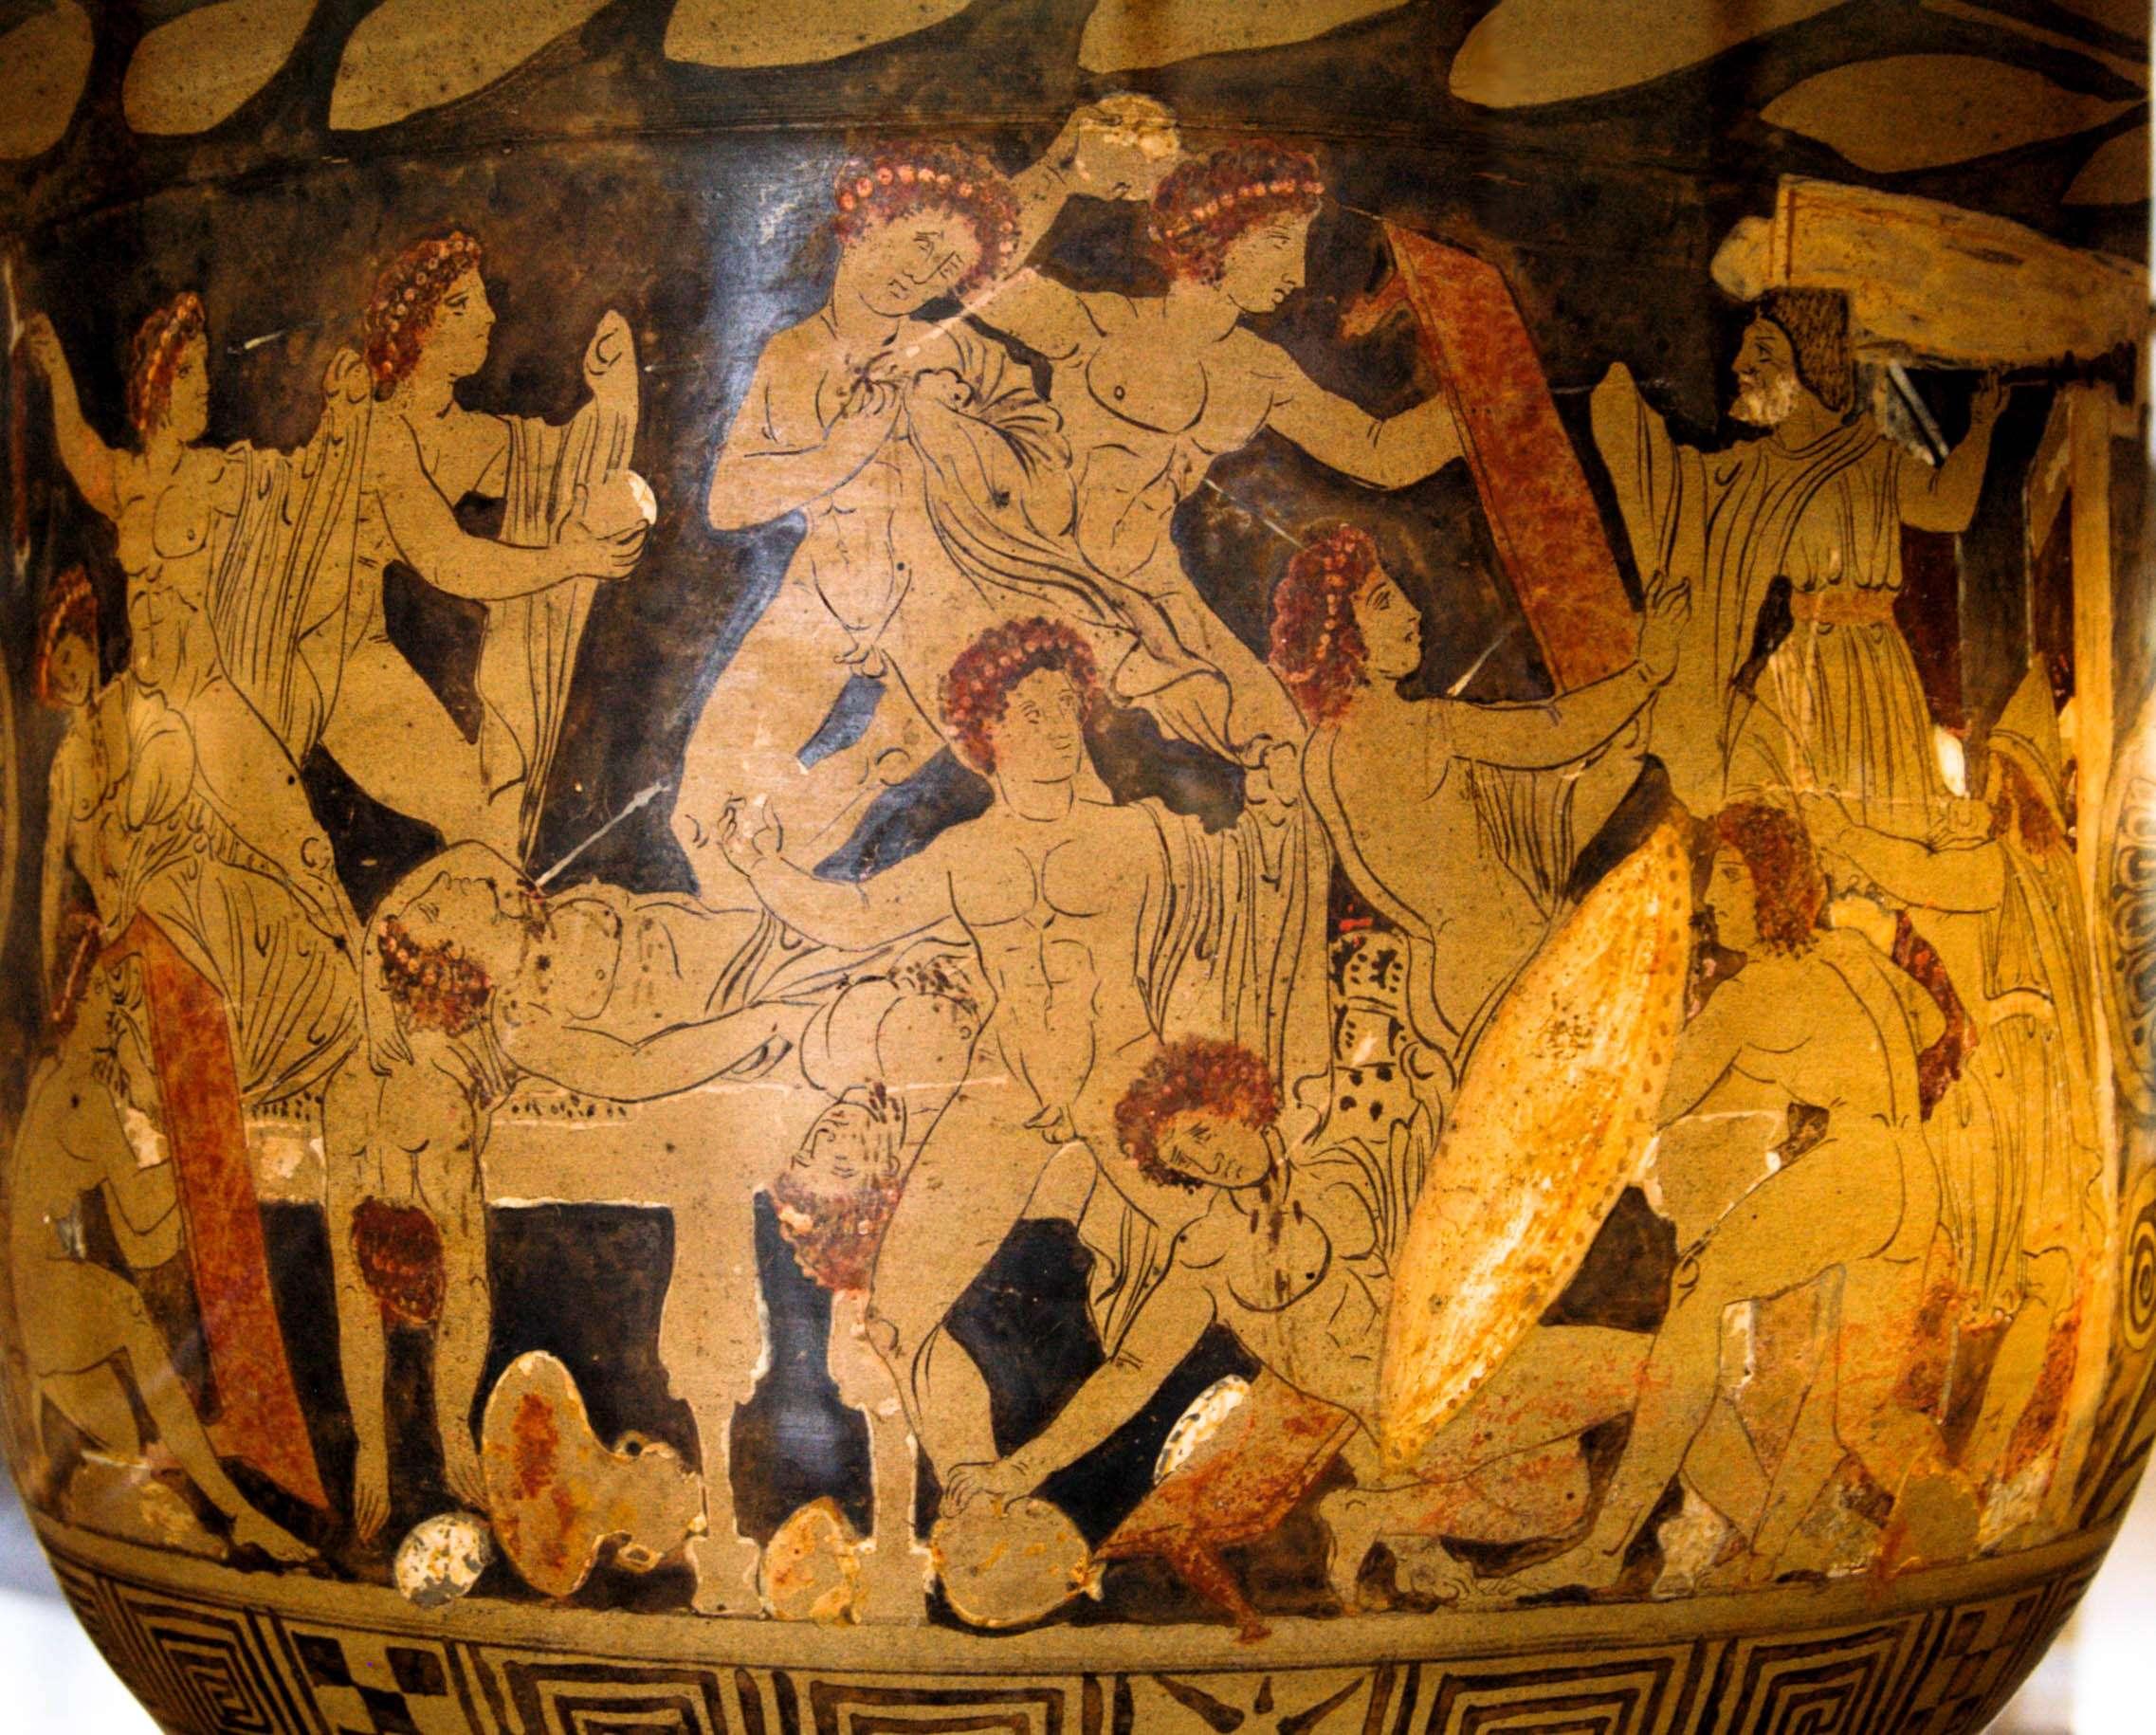 Η σφαγή των μνηστήρων από τον Οδυσσέα και τον Τηλέμαχο, το 330 π.Χ., Λούβρο